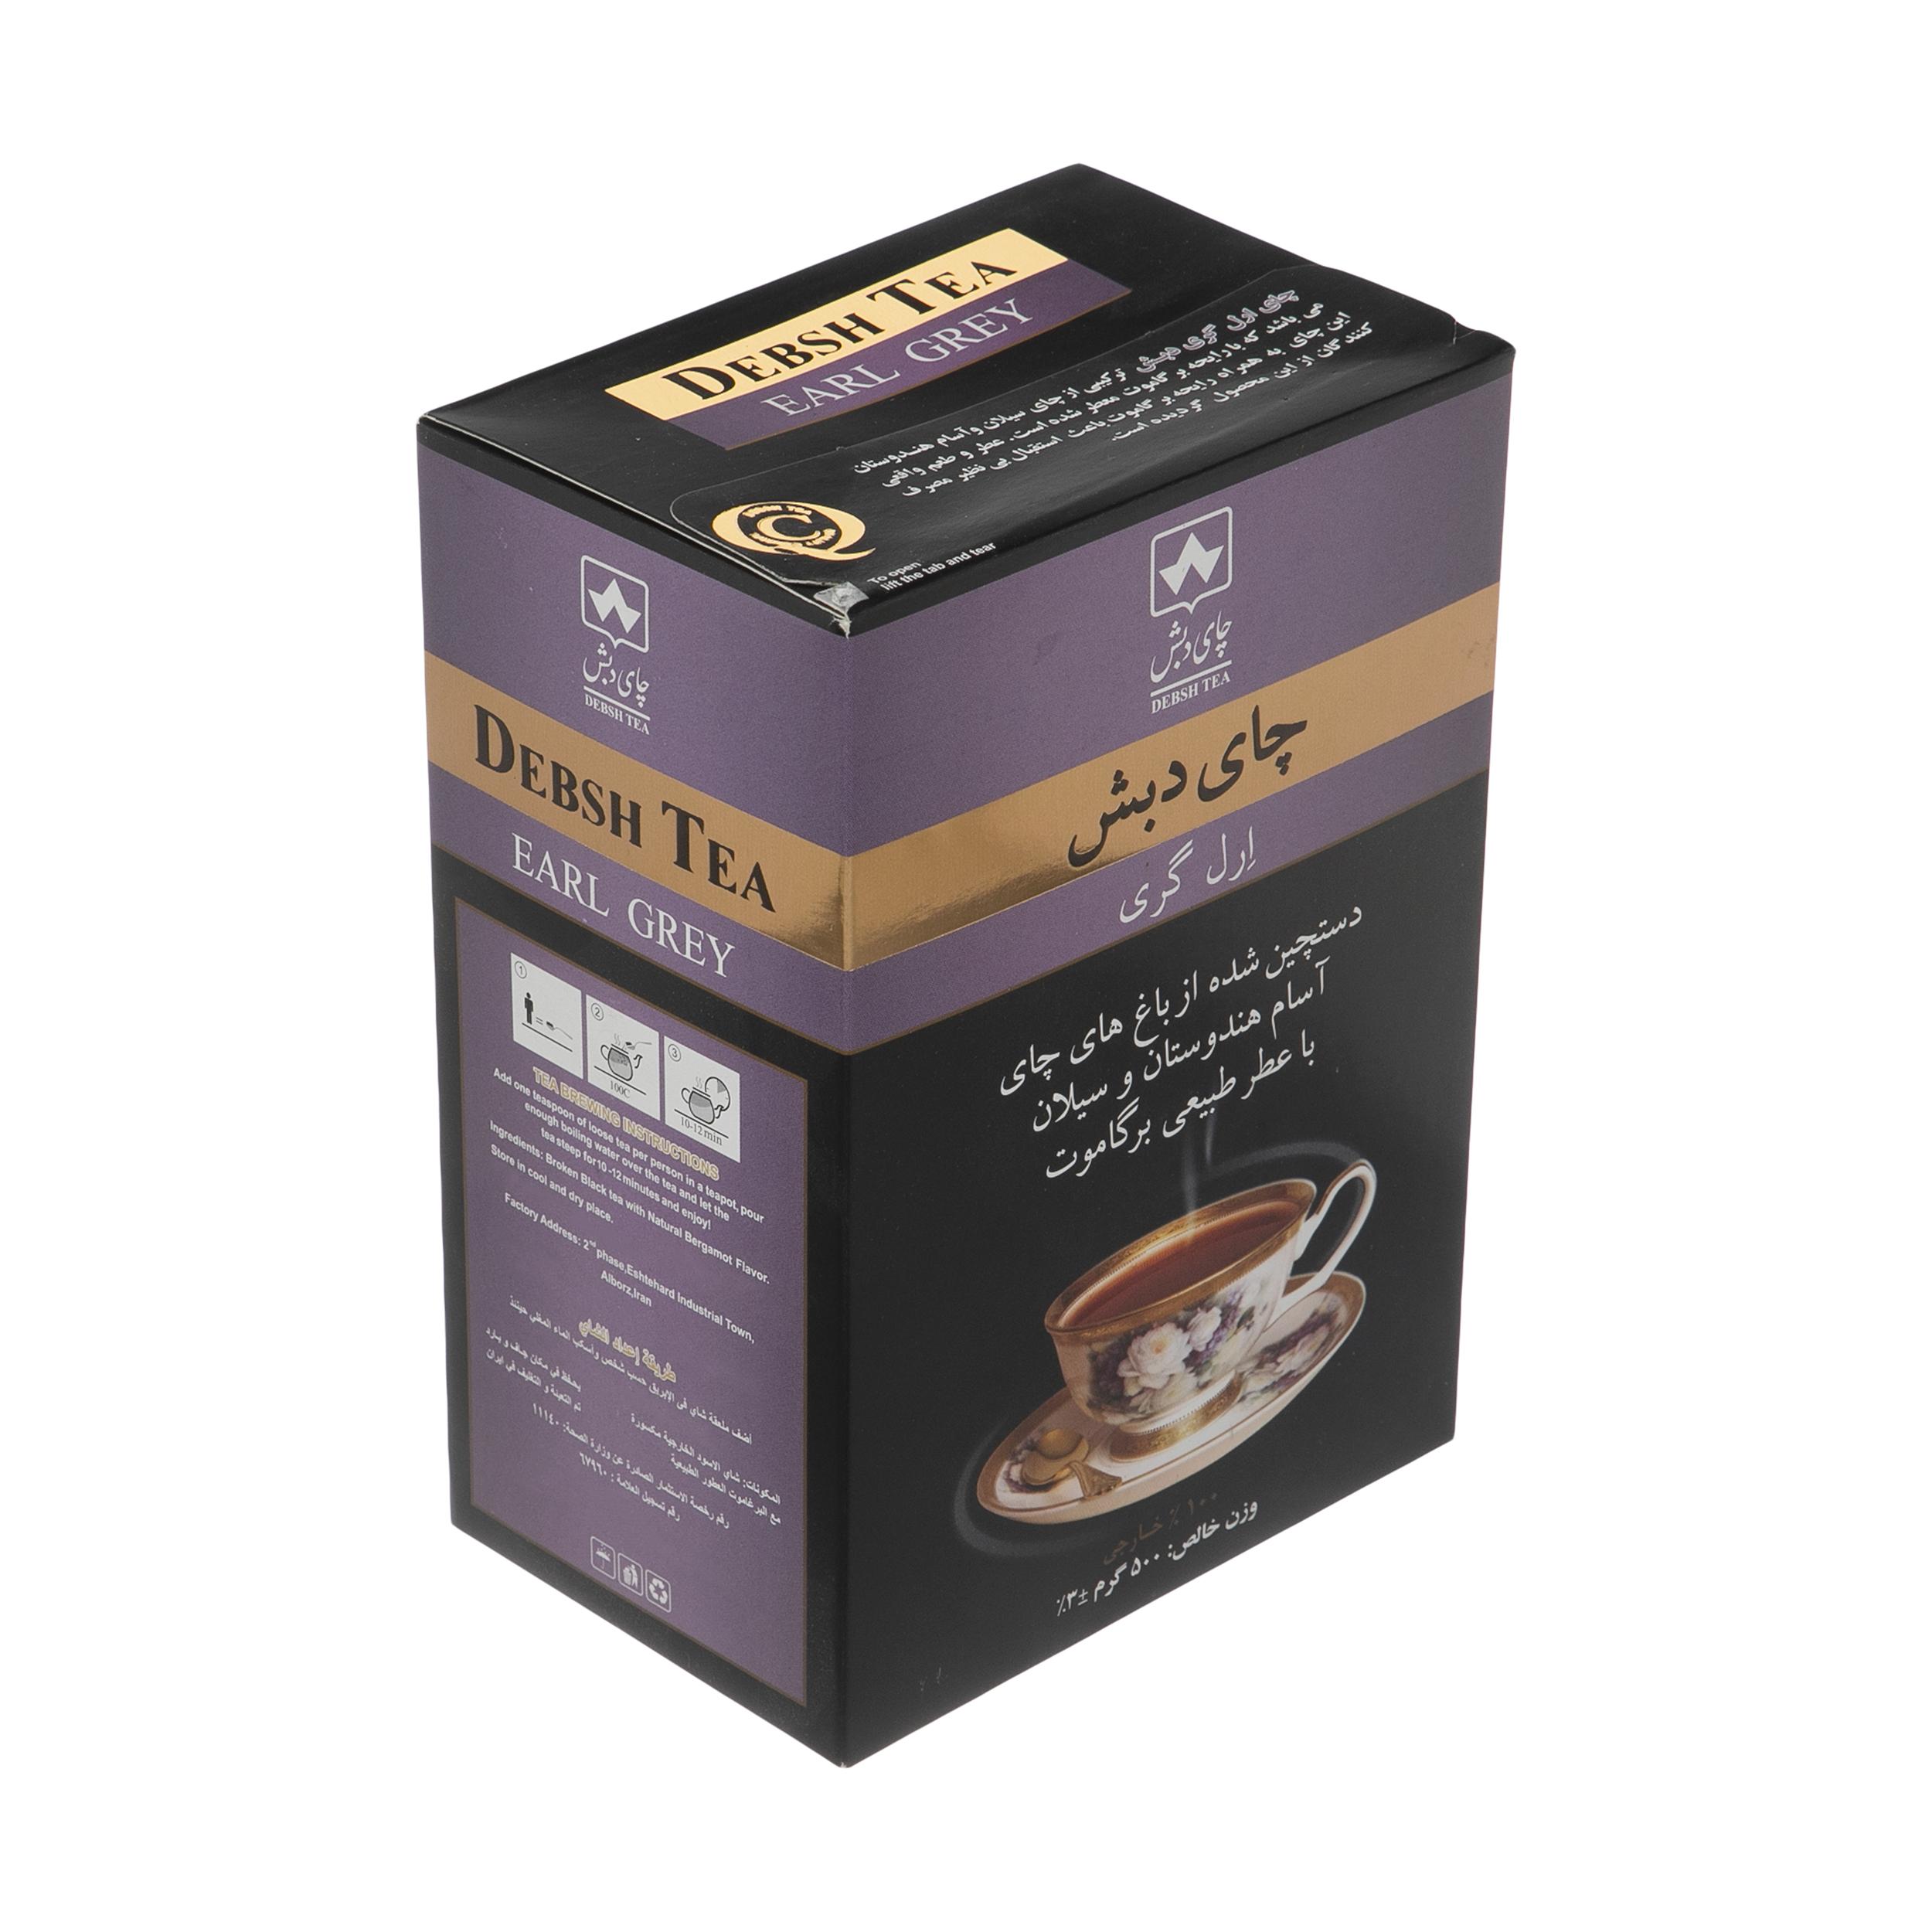 چای ارل گری چای دبش - 500 گرم main 1 4